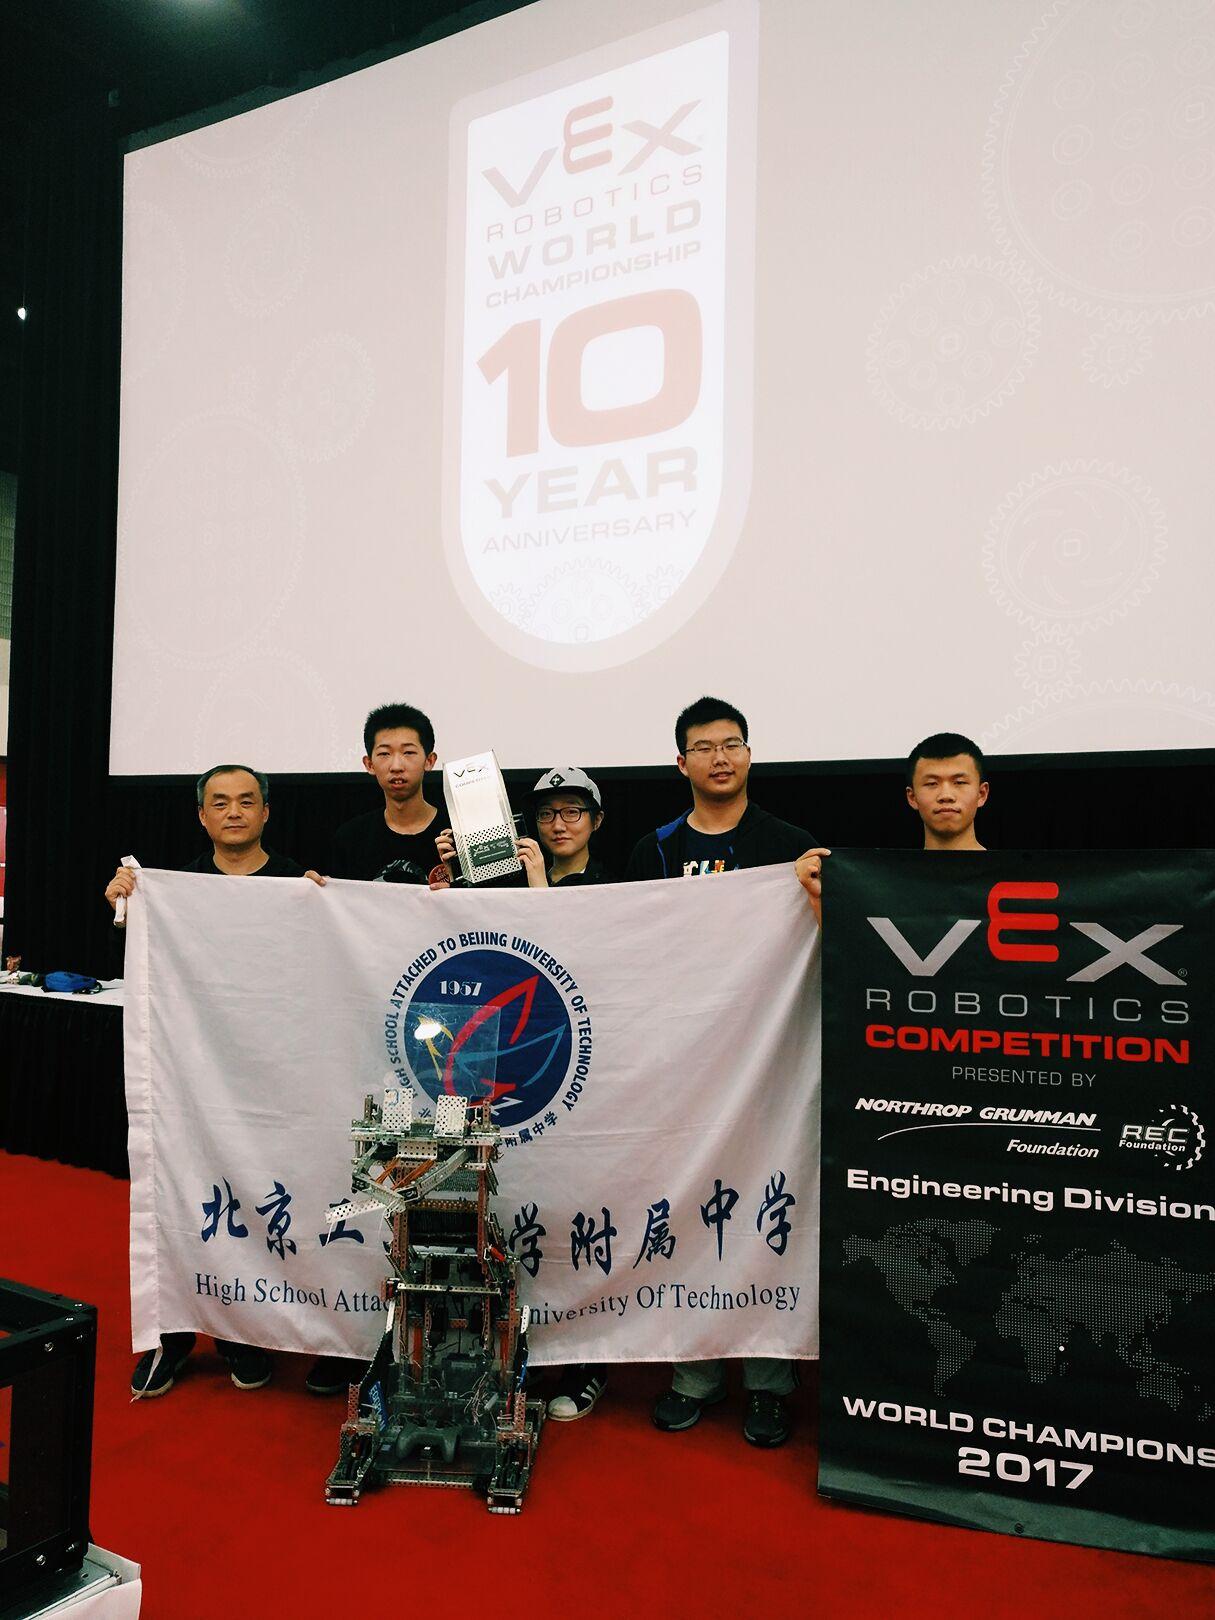 VEX机器人2017年世界锦标赛高中组总冠军.jpg